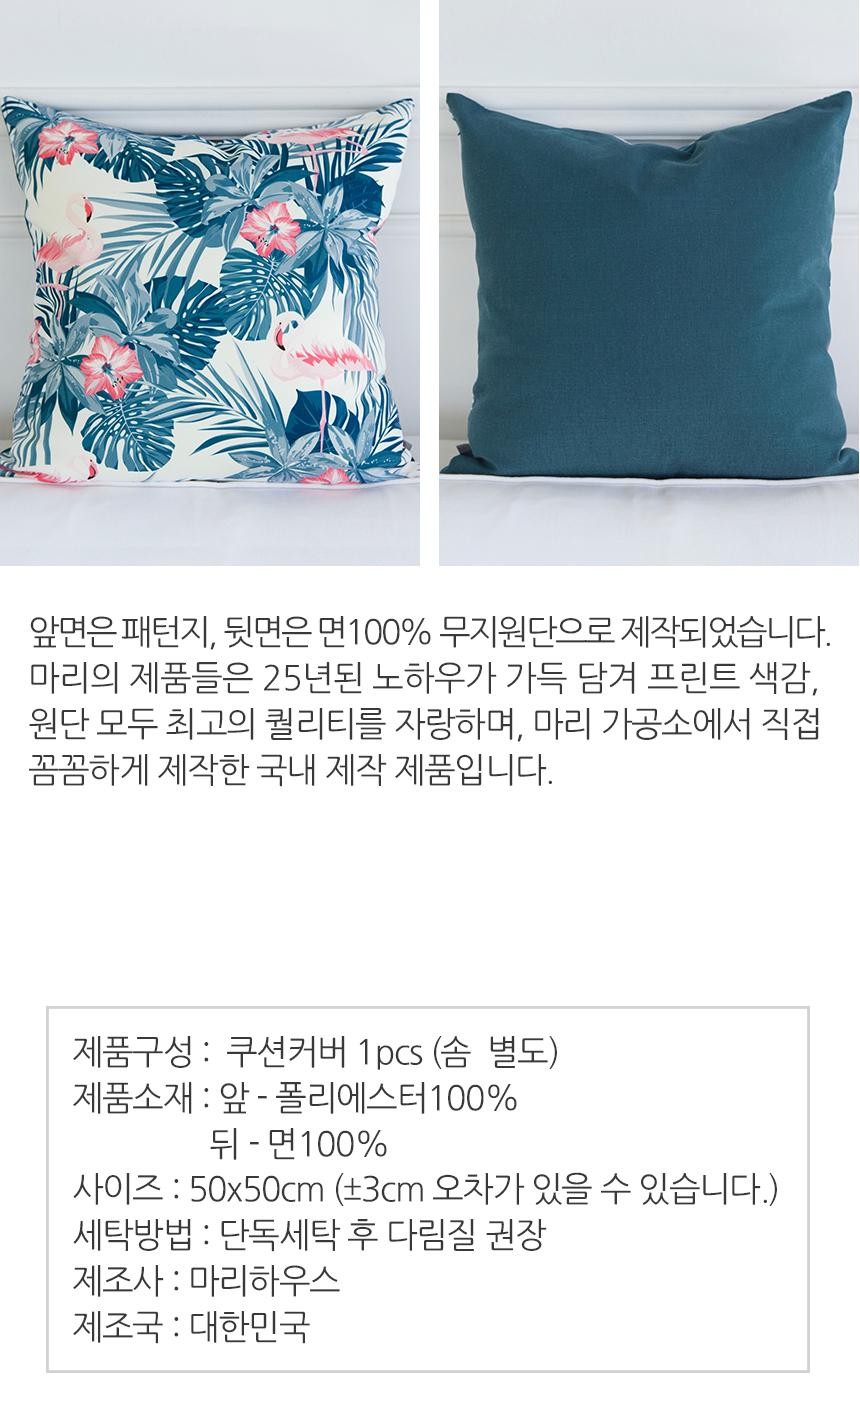 엑조틱플라워 쿠션커버 50x50cm - 마리하우스, 21,600원, 쿠션, 패턴/도트